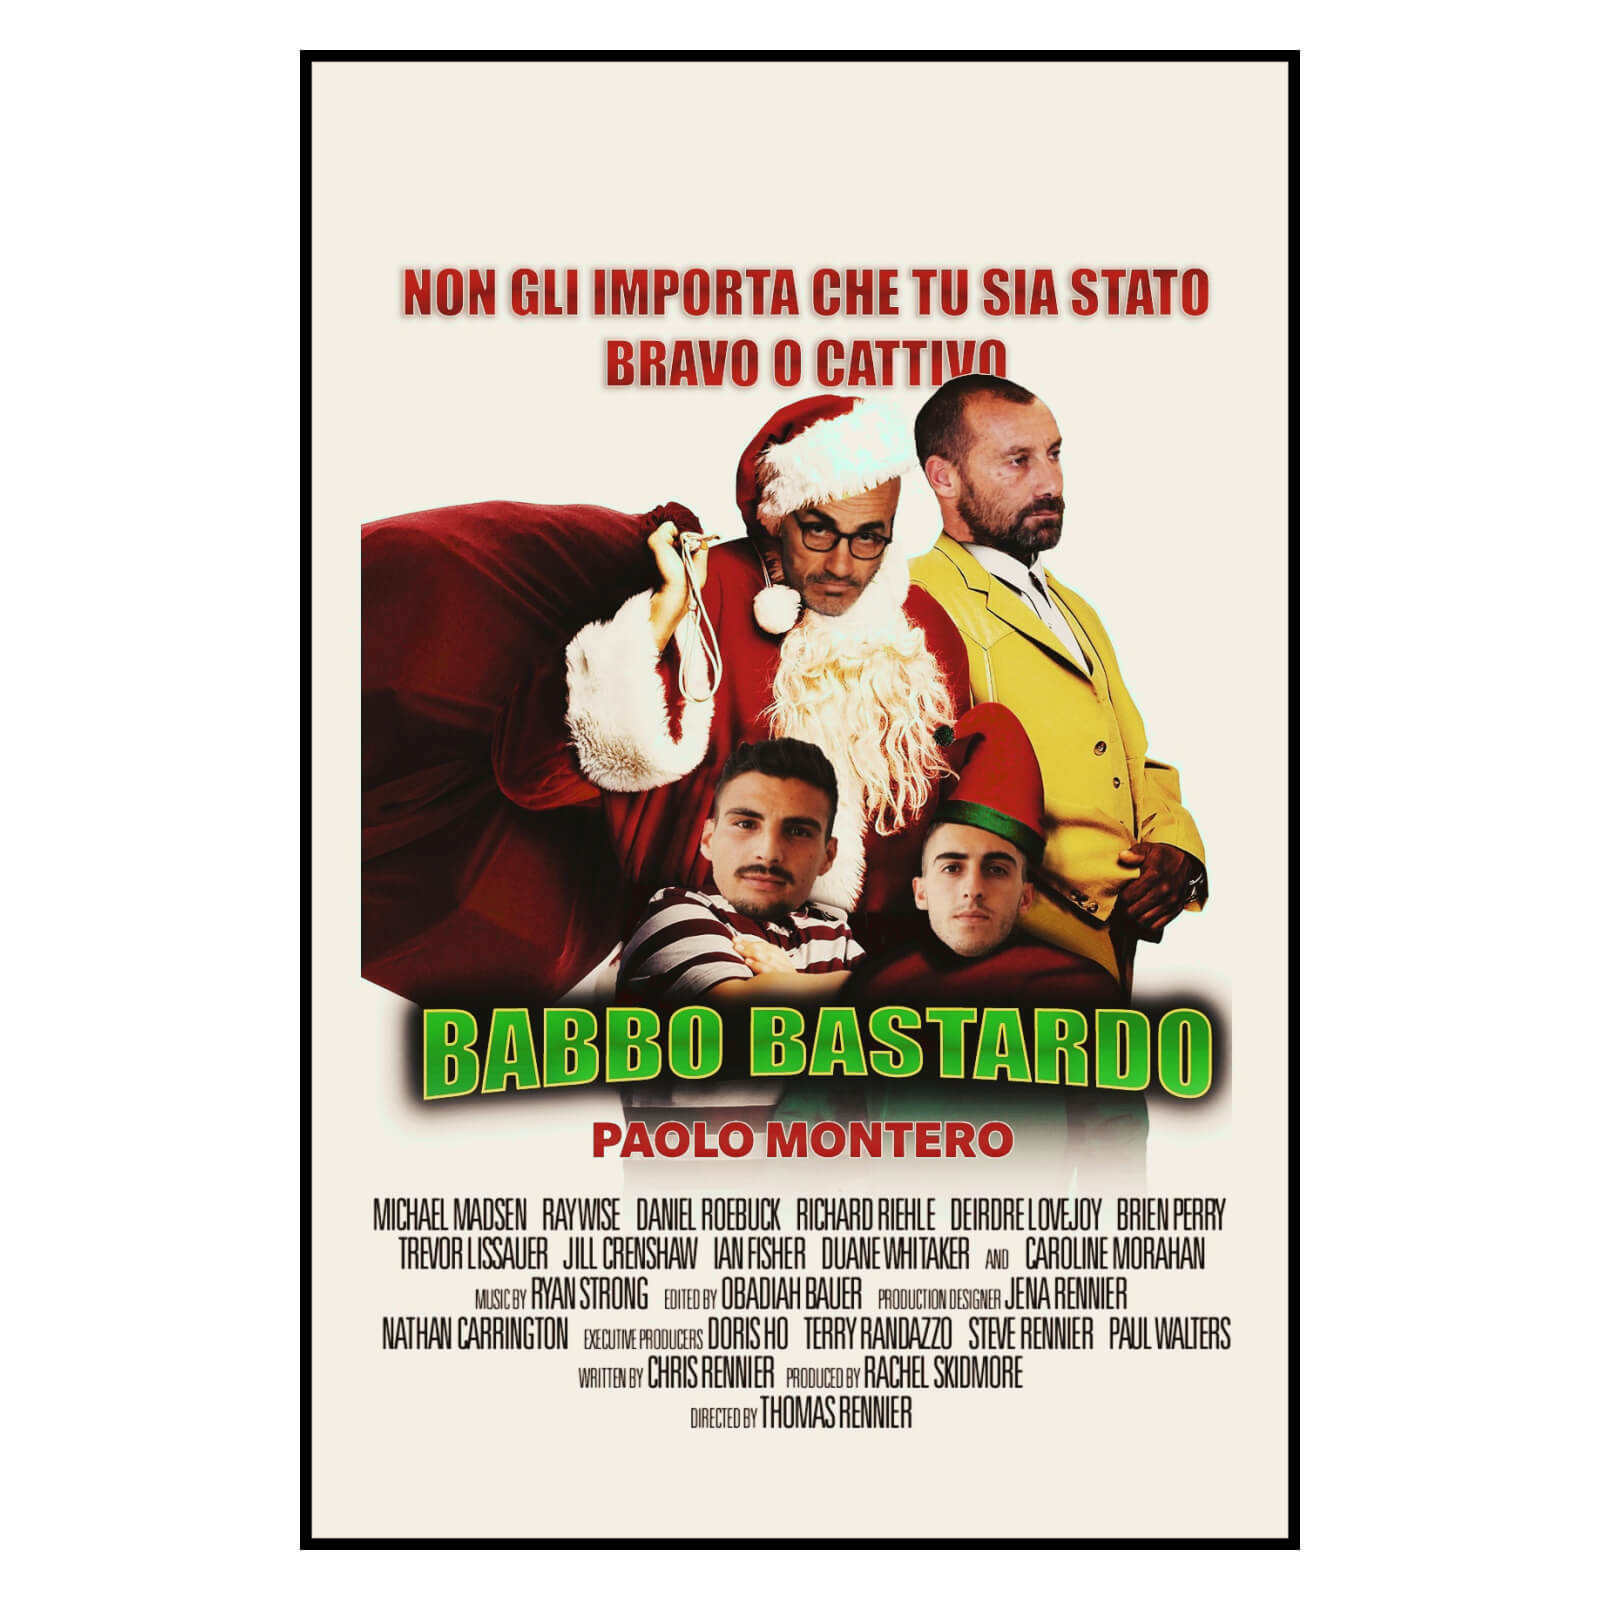 Babbo Bastardo - Samb